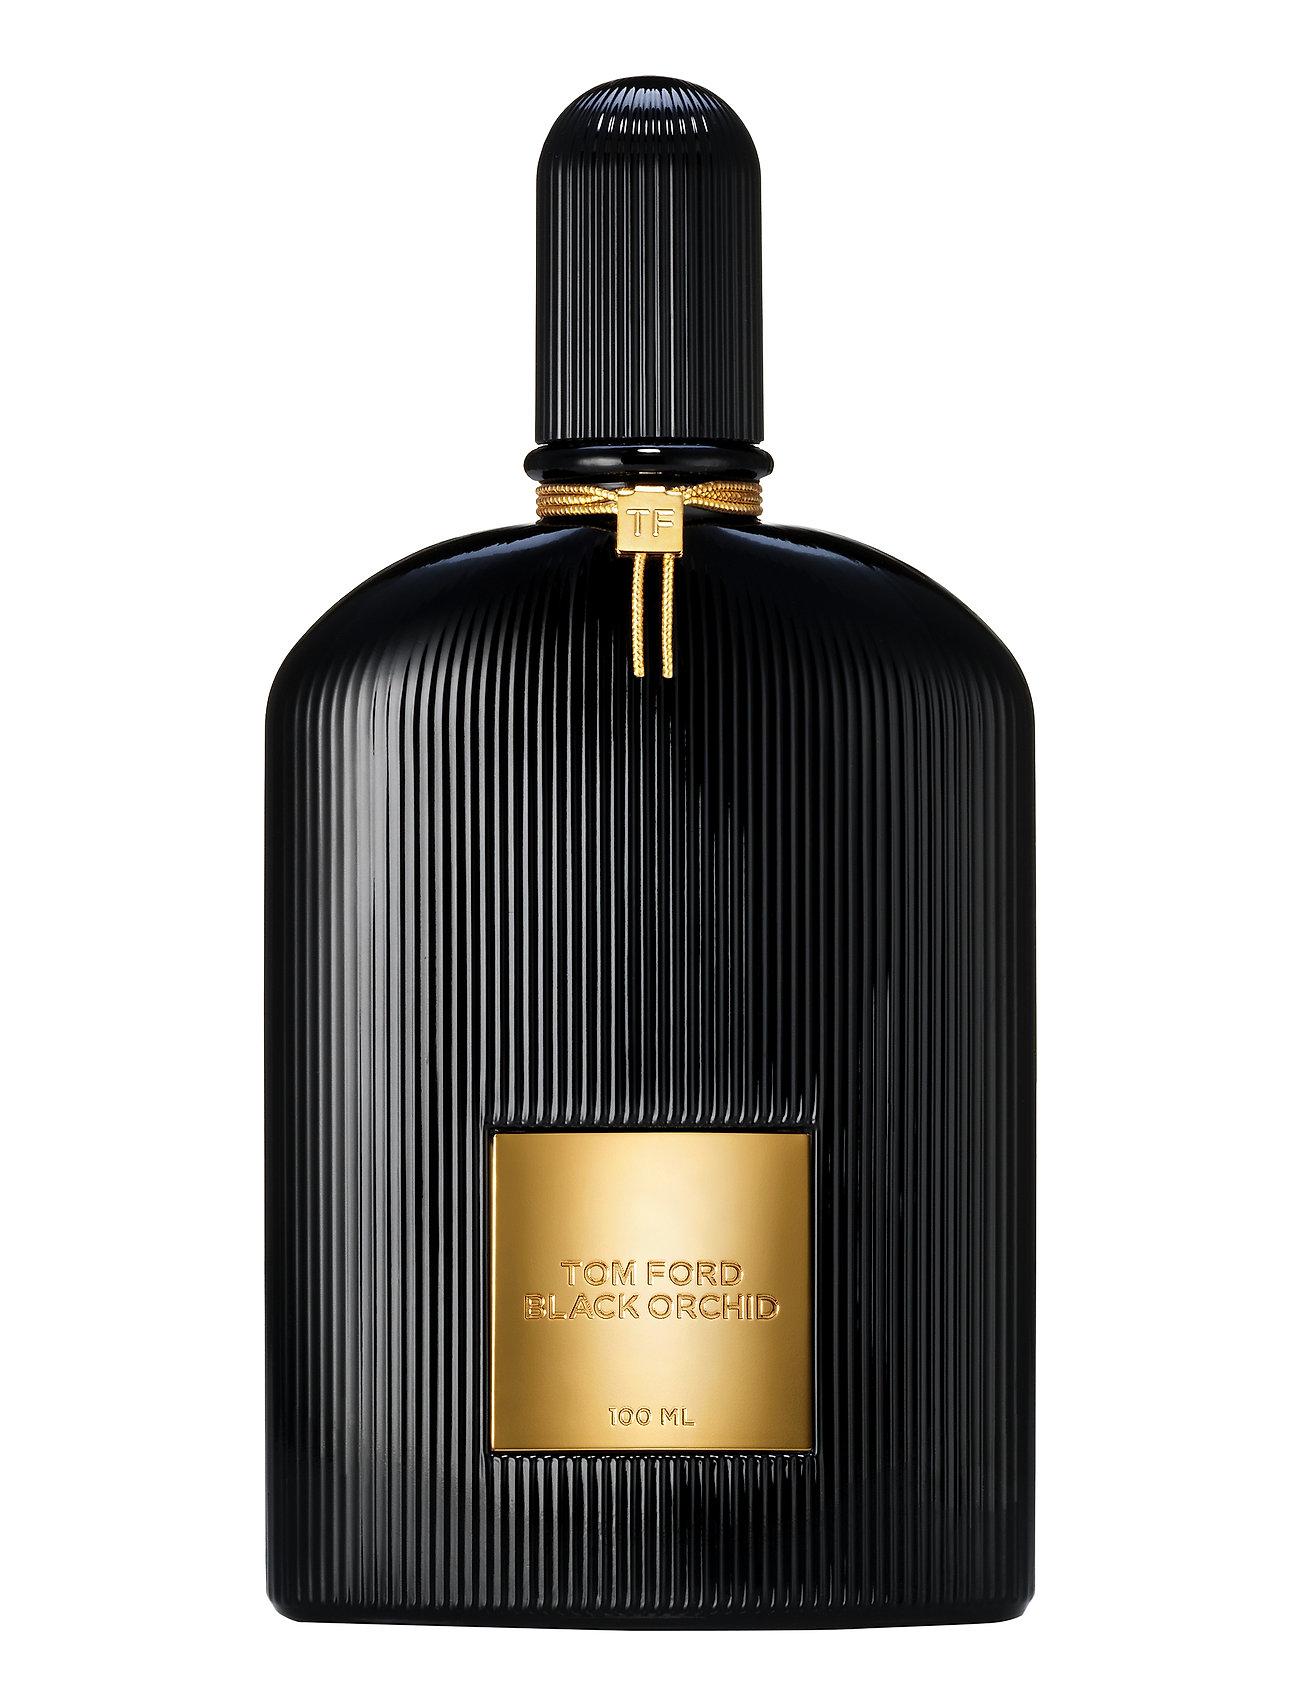 Black orchid eau de parfum fra tom ford på boozt.com dk